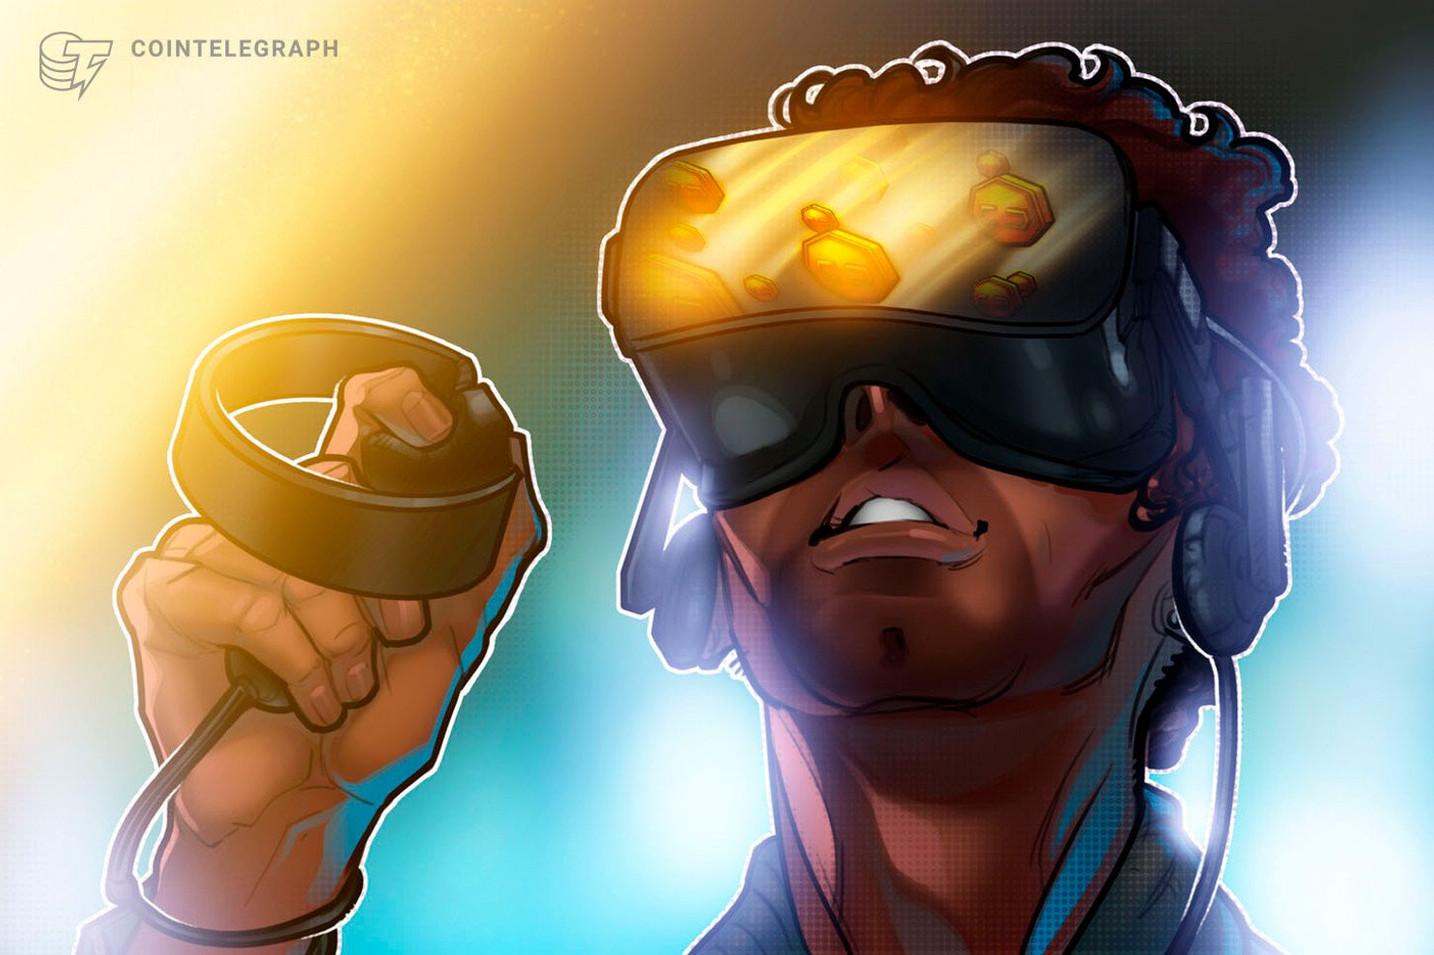 仮想通貨イーサリアム基盤の仮想空間ゲーム「ディセントラランド」、正式に立ち上げ【ニュース】